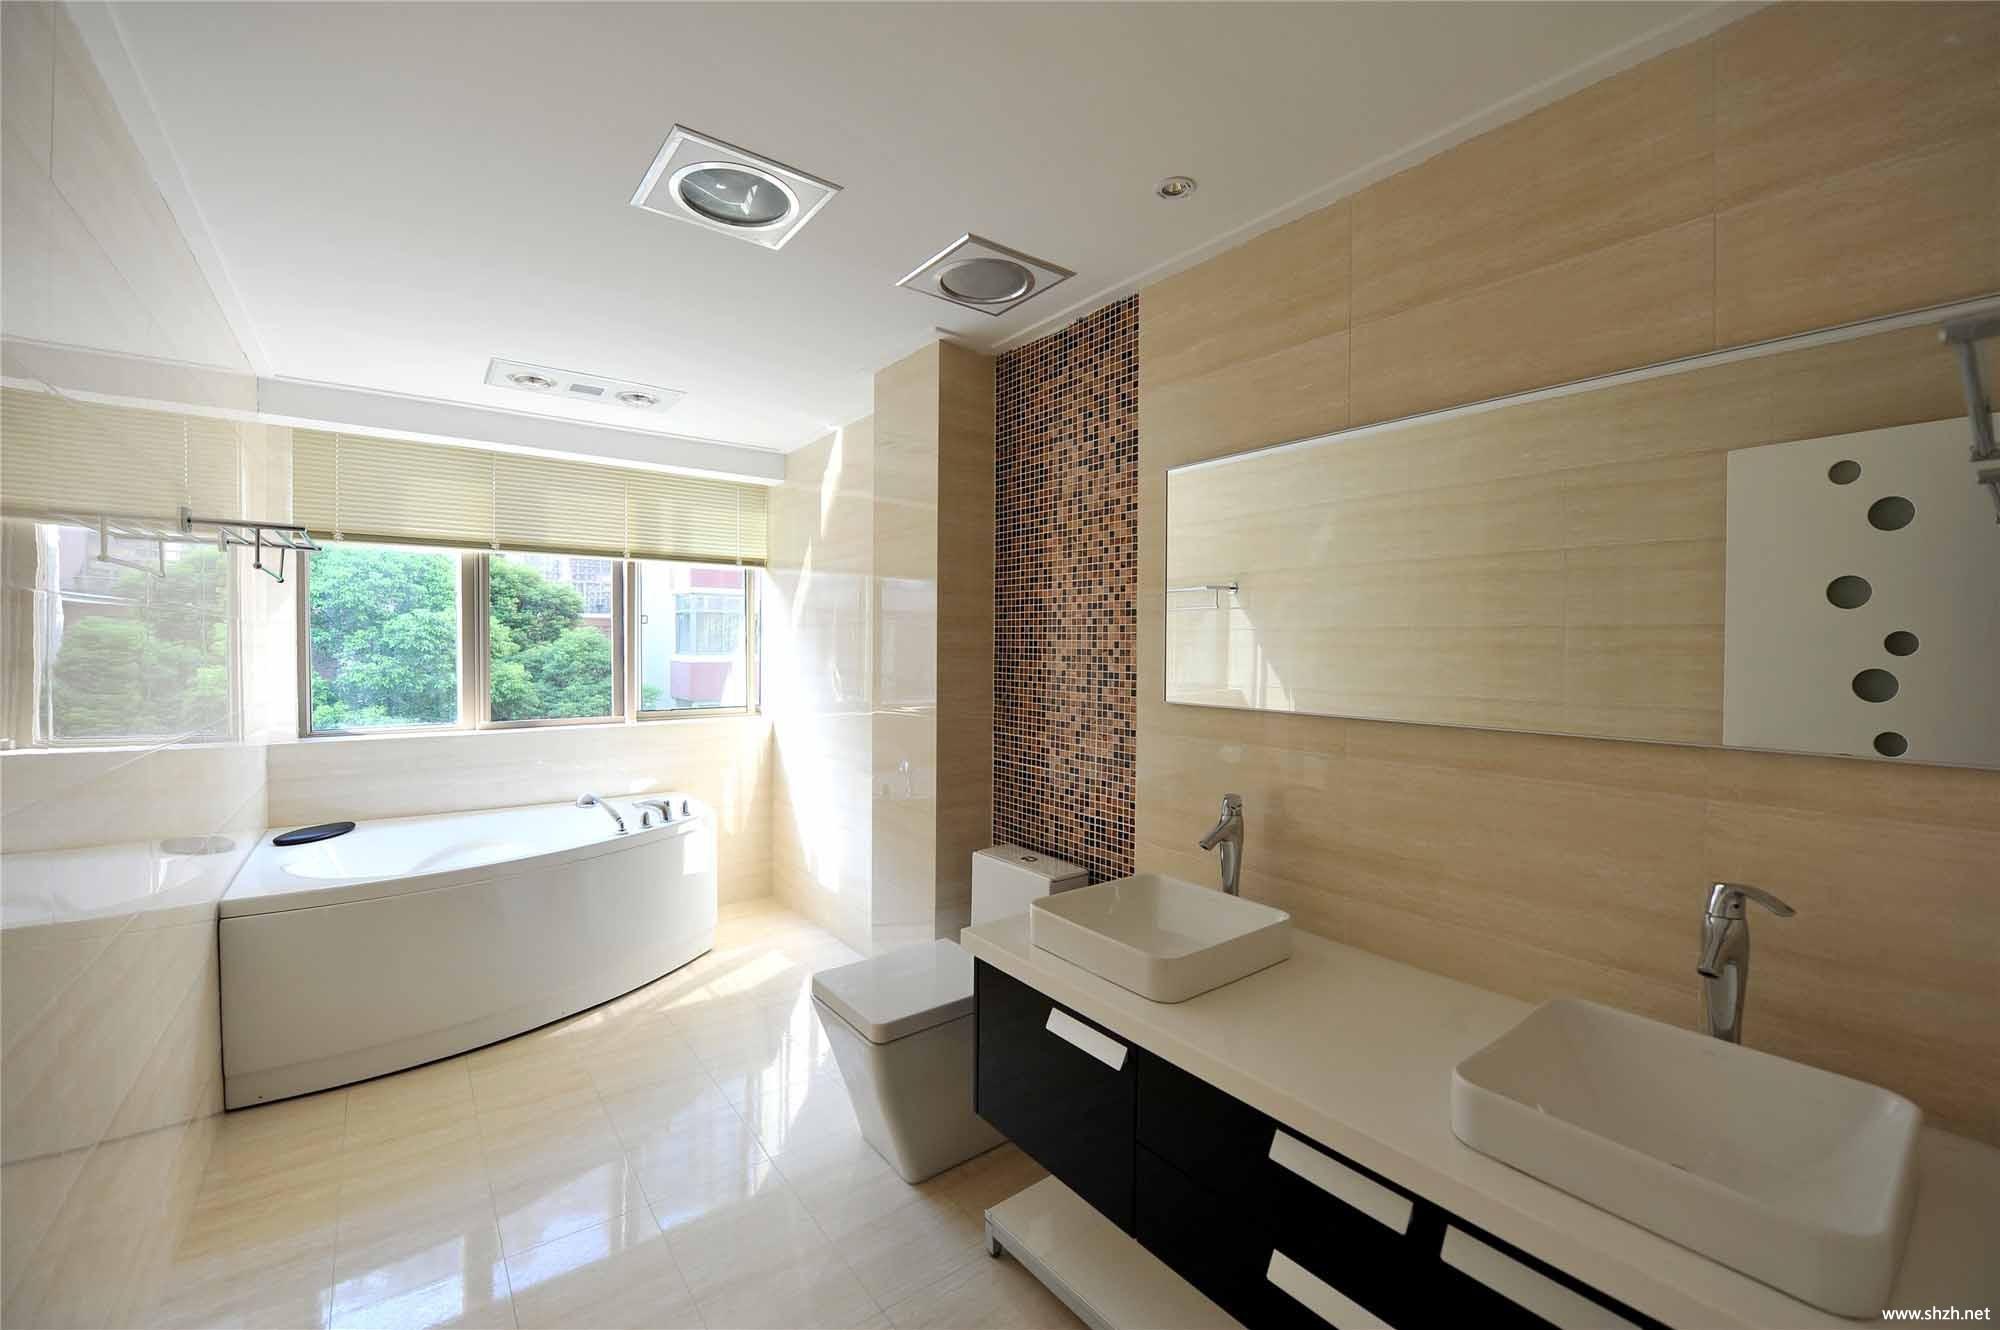 现代跃层复式卫生间浴缸洗手池